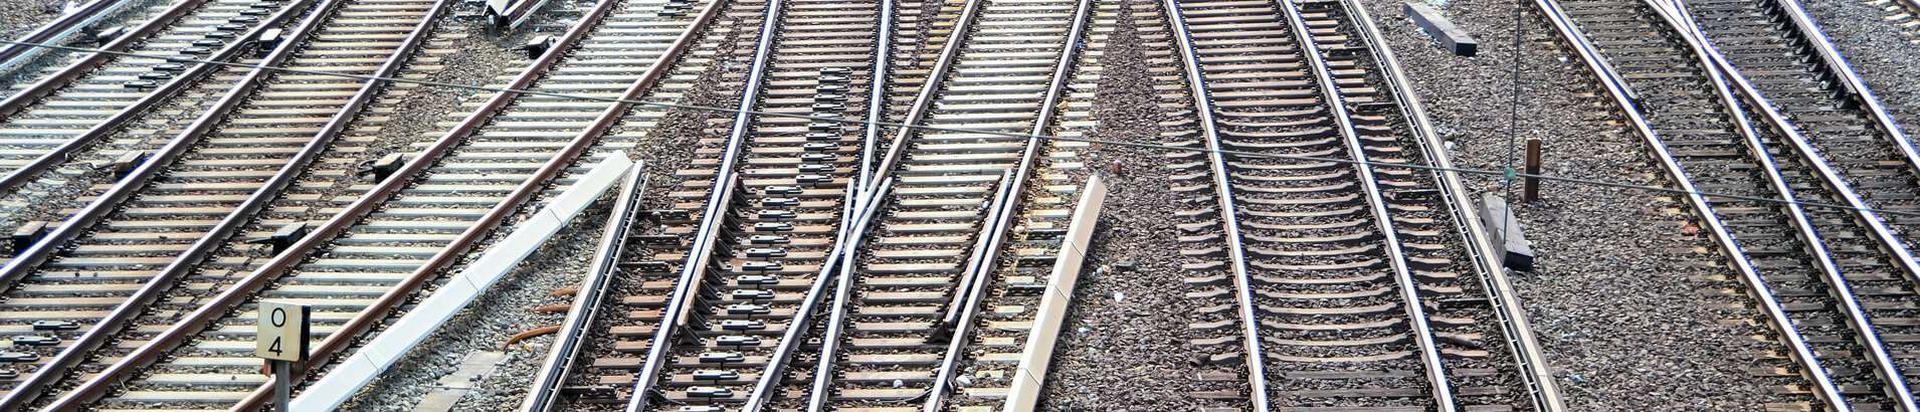 11575838_eesti-raudtee-as_63298421_xl.jpg